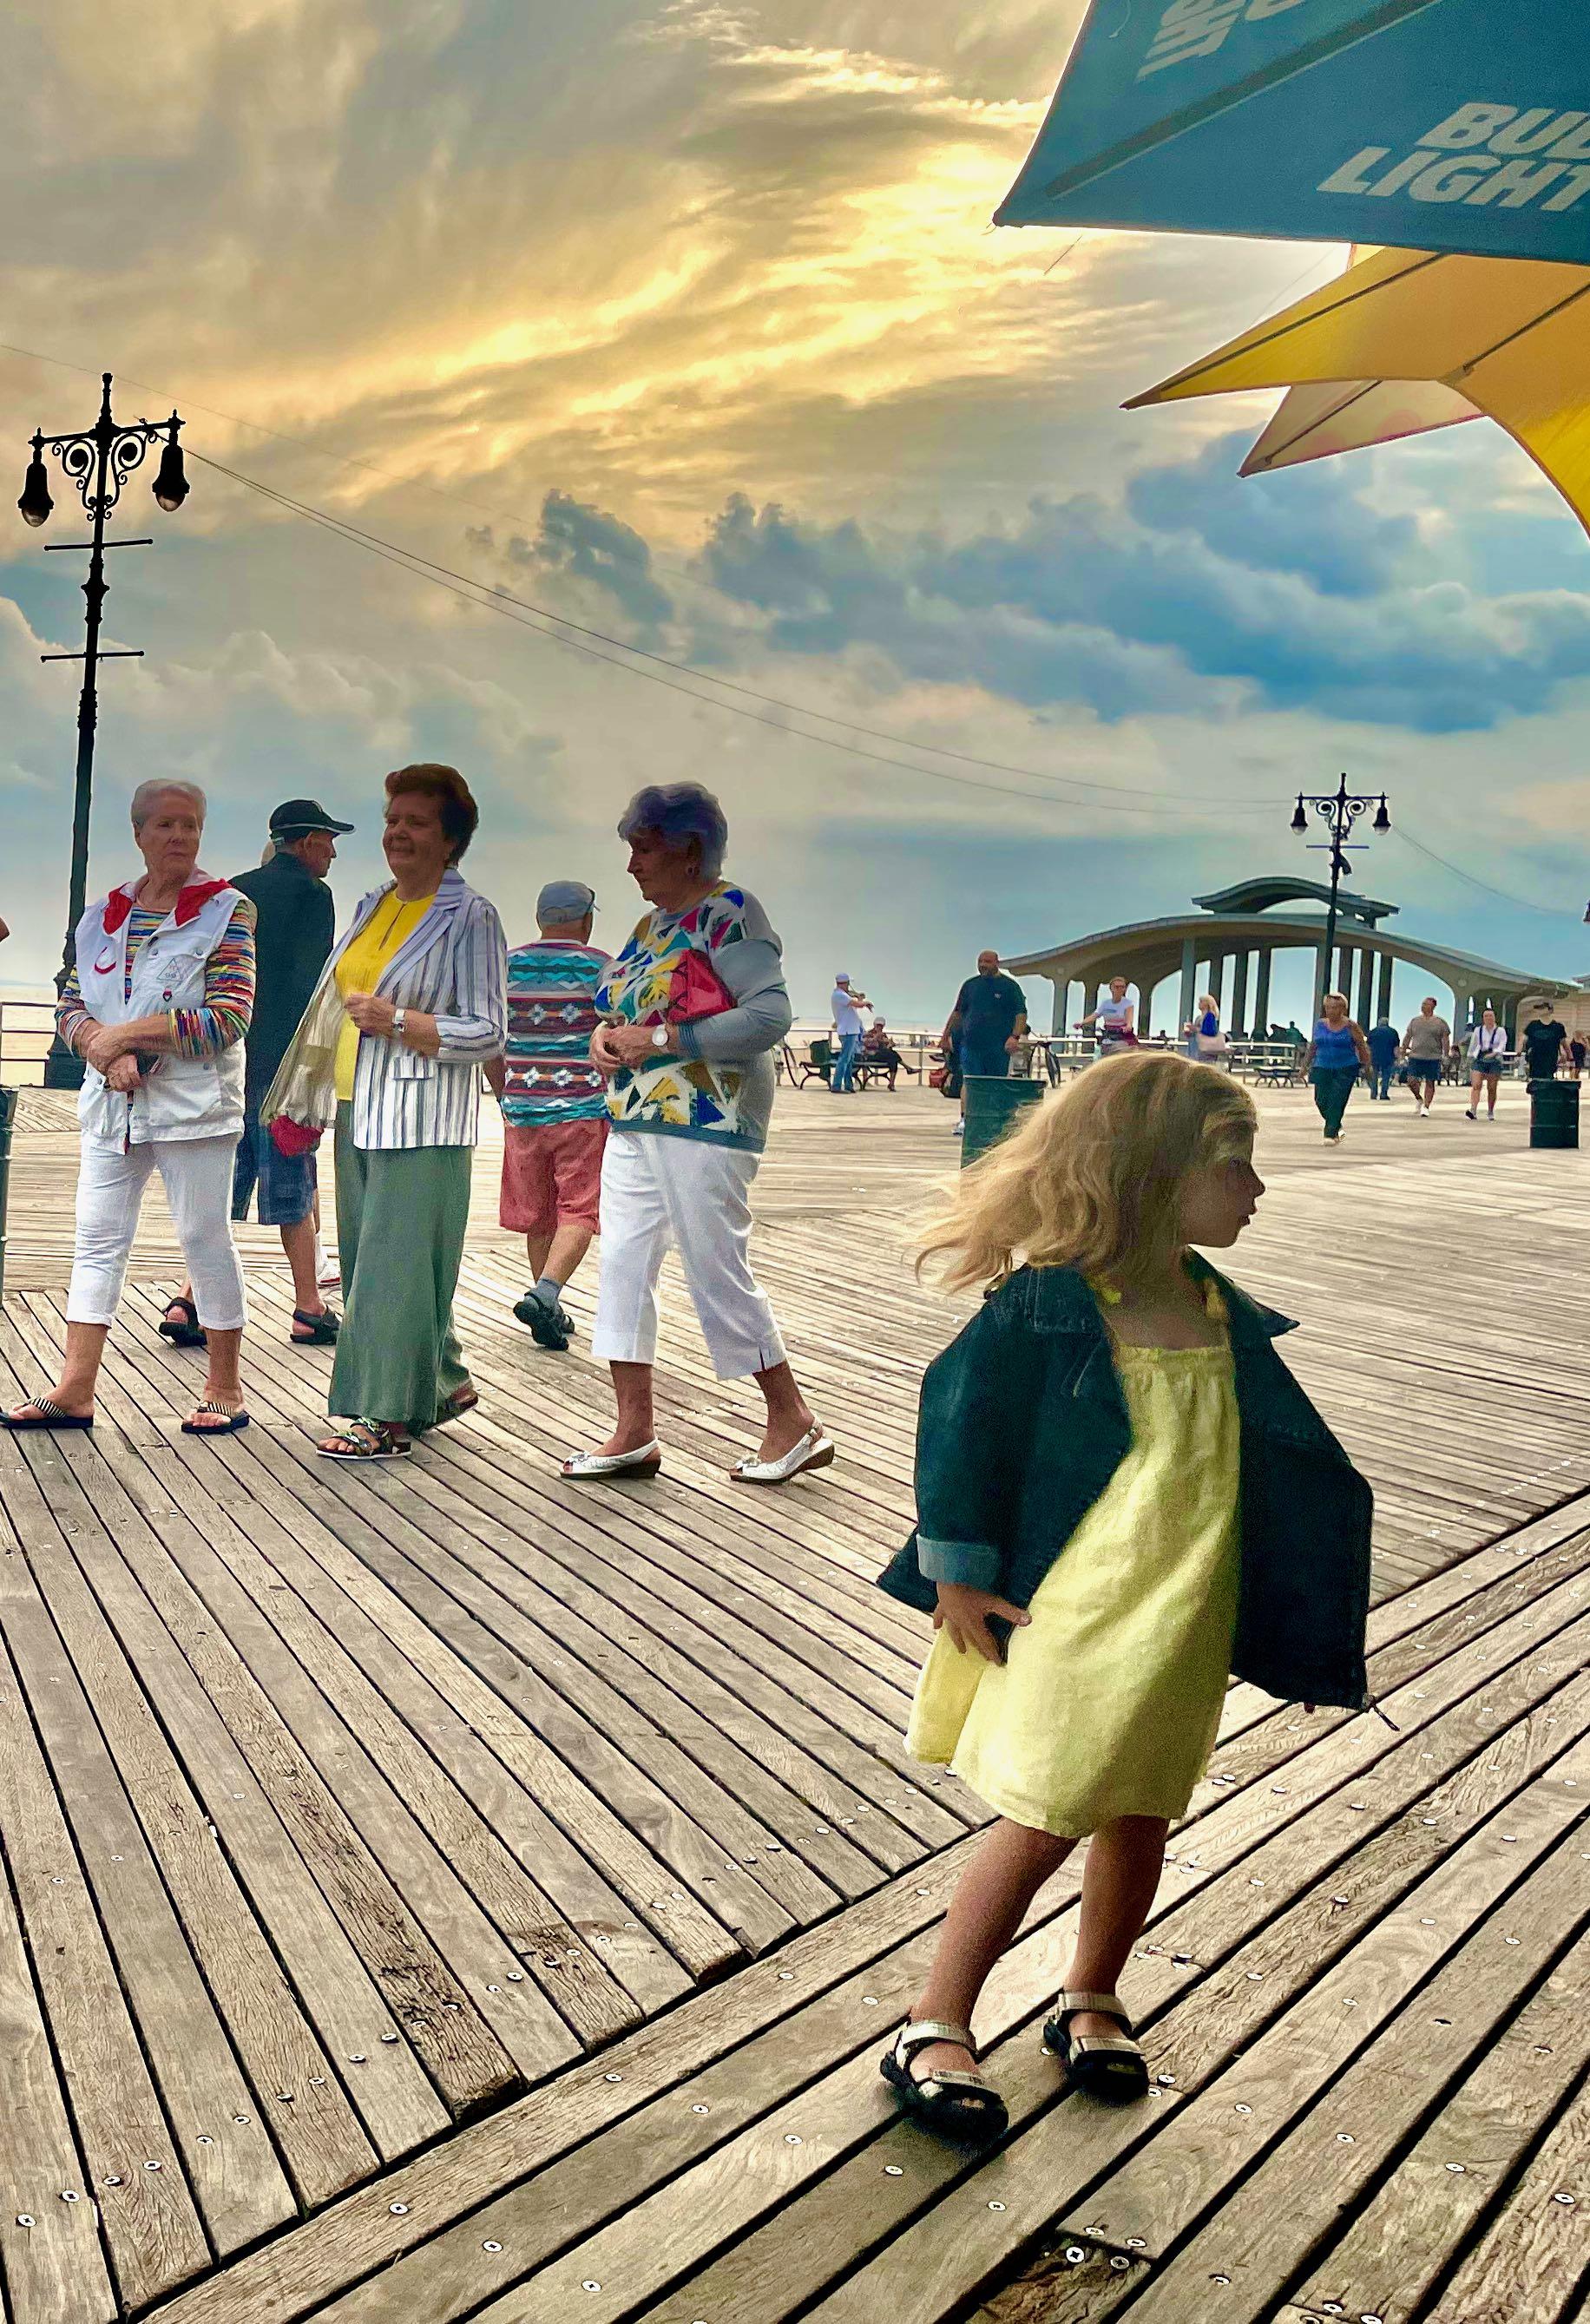 Summer 2021 on the Brighton Beach boardwalk in Brooklyn, NY.